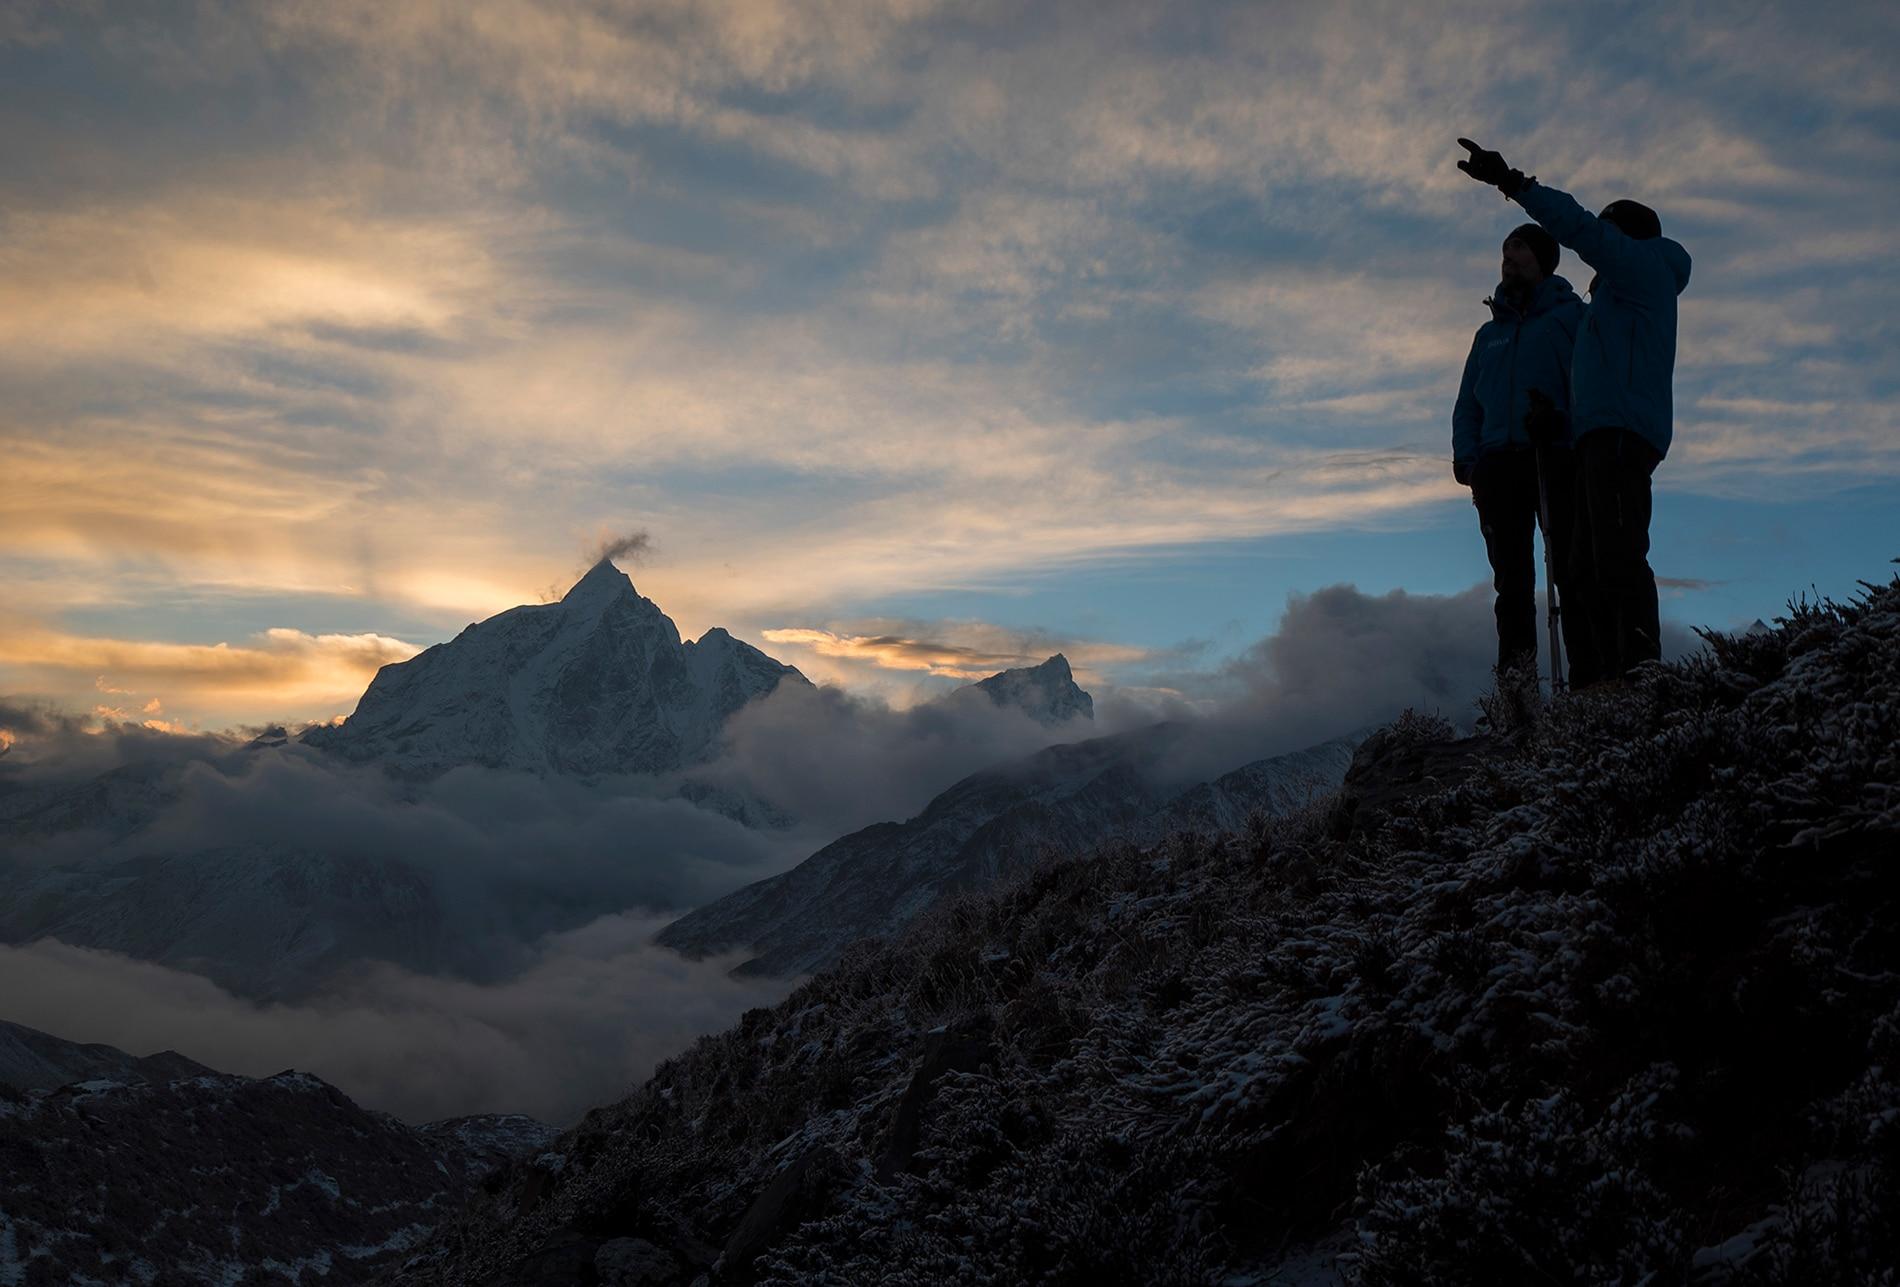 Fotografía de Carlos Soria oteando la ruta hacia el Island Peak durante la aclimatación